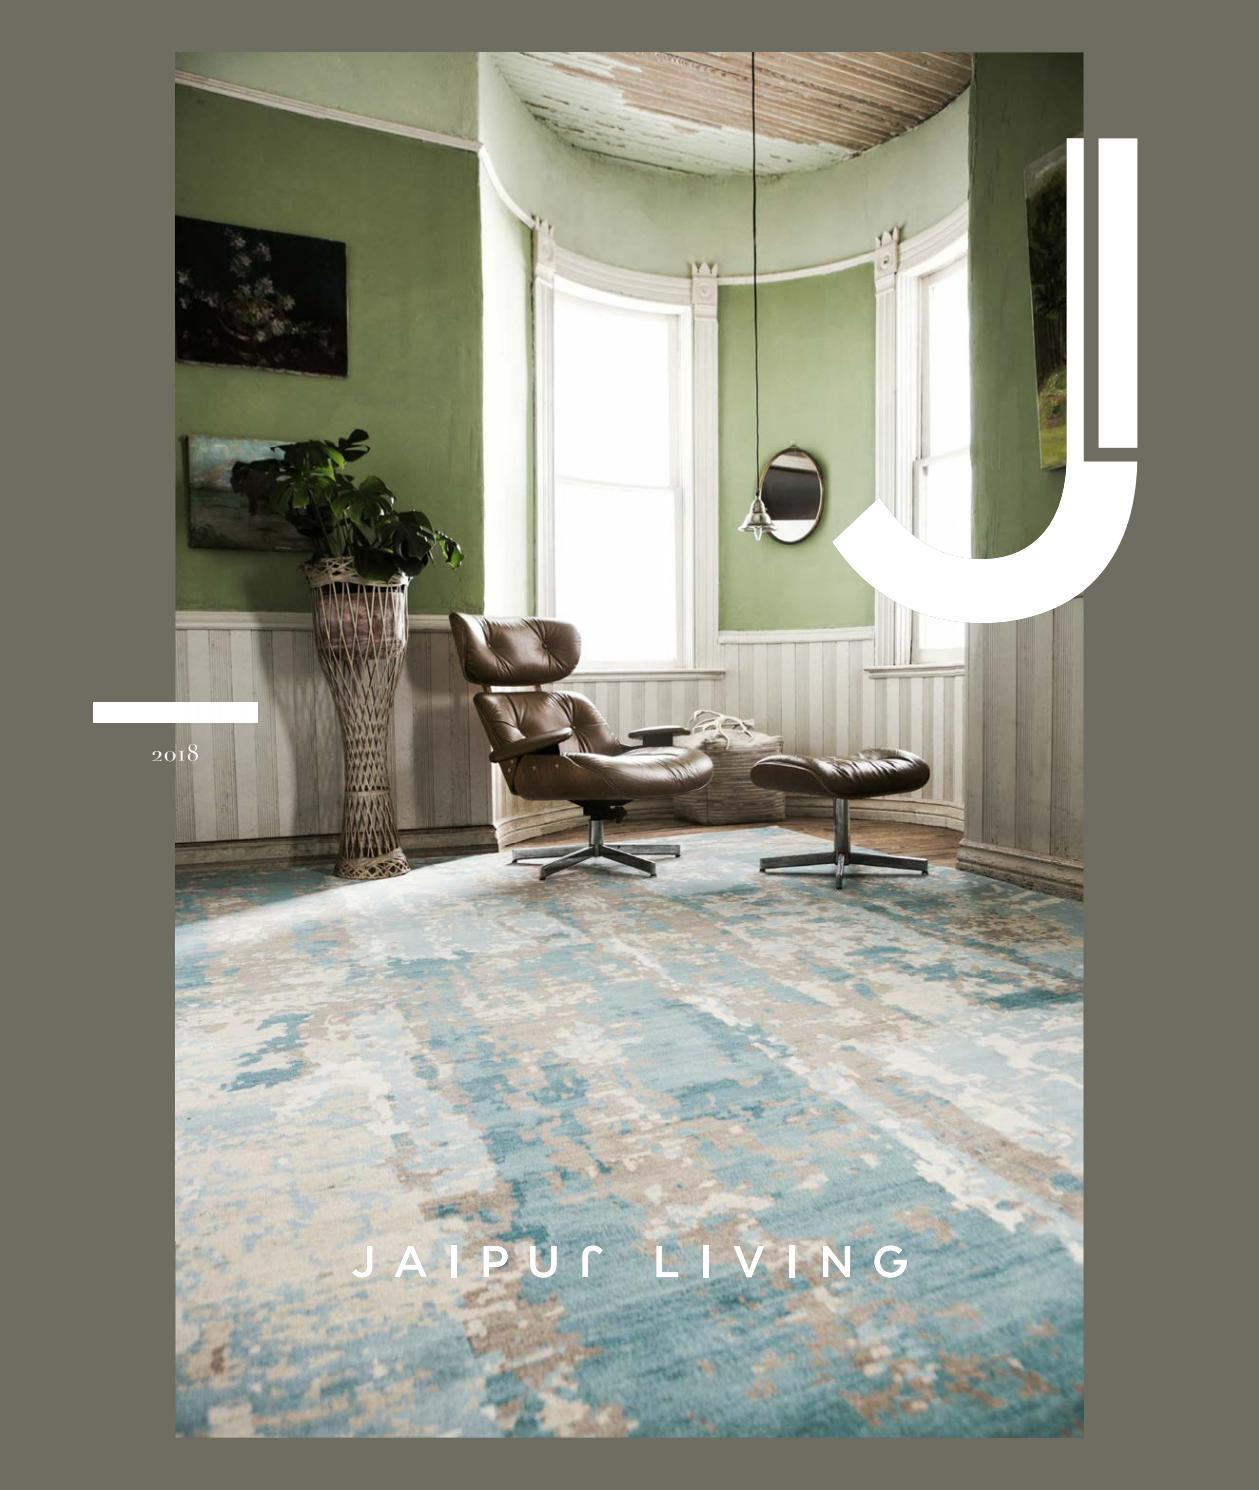 Jaipur Living 2018 Catalog By Jaipur Living Issuu